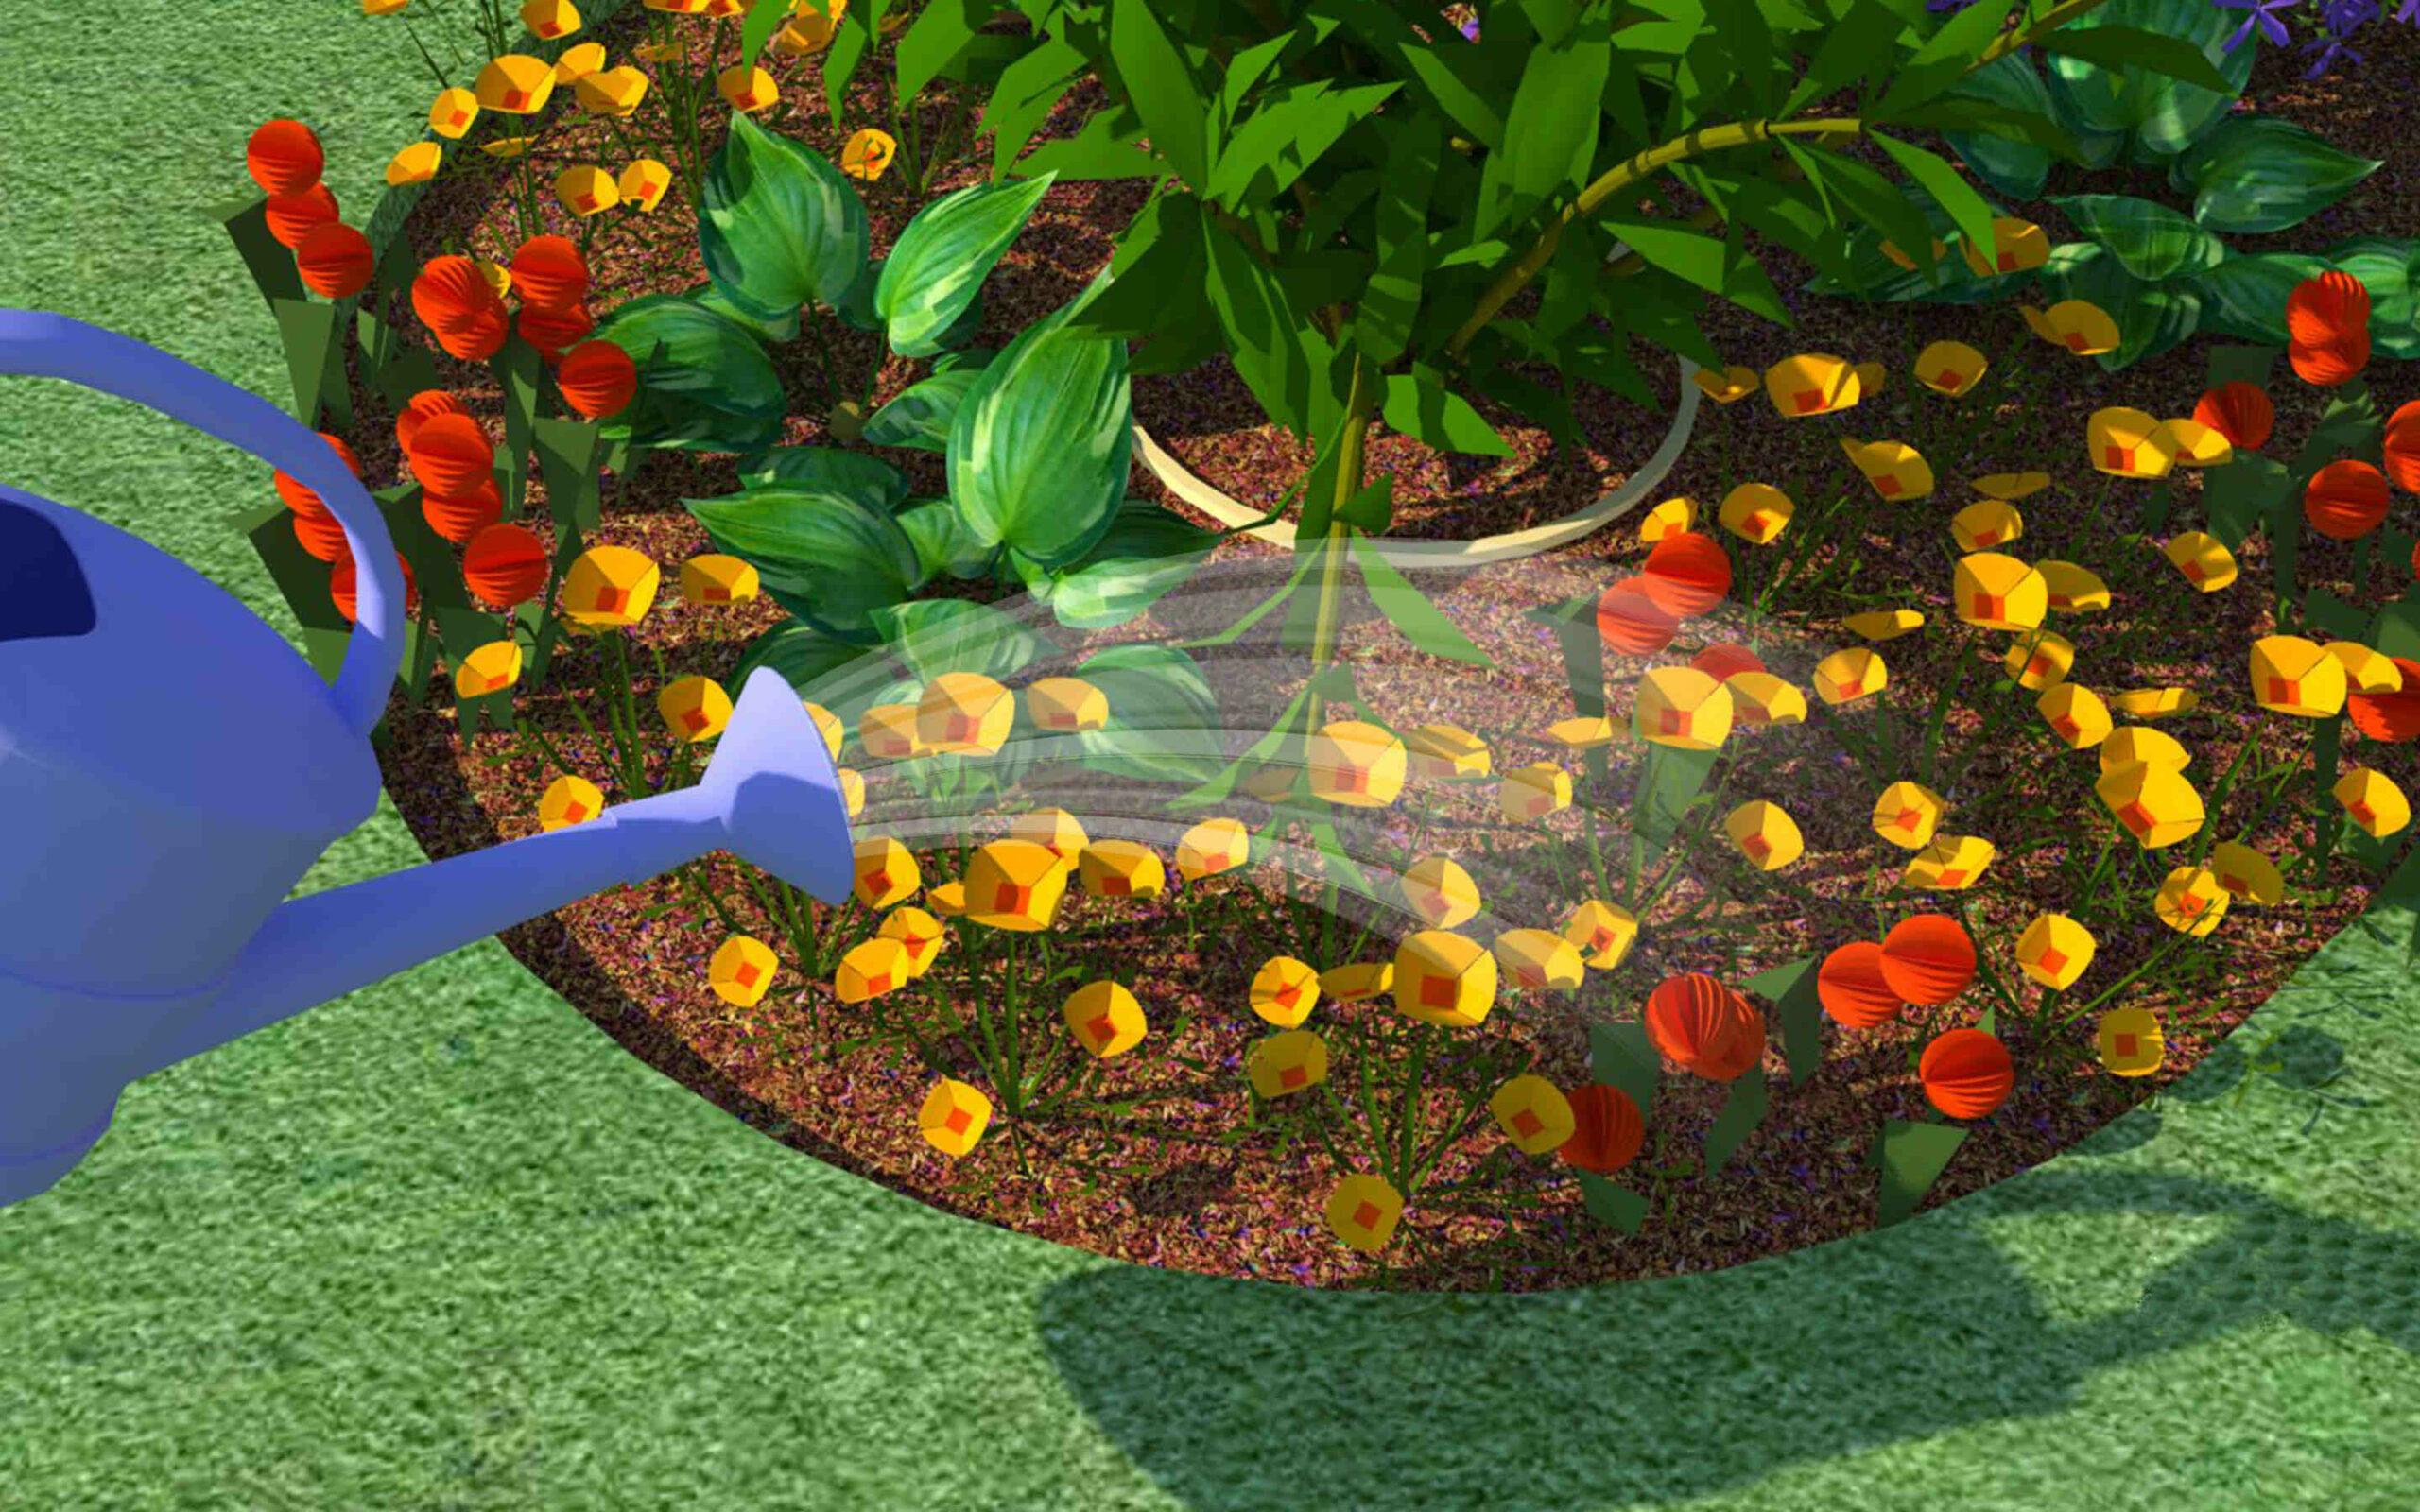 Où planter des fleurs dans le jardin ?